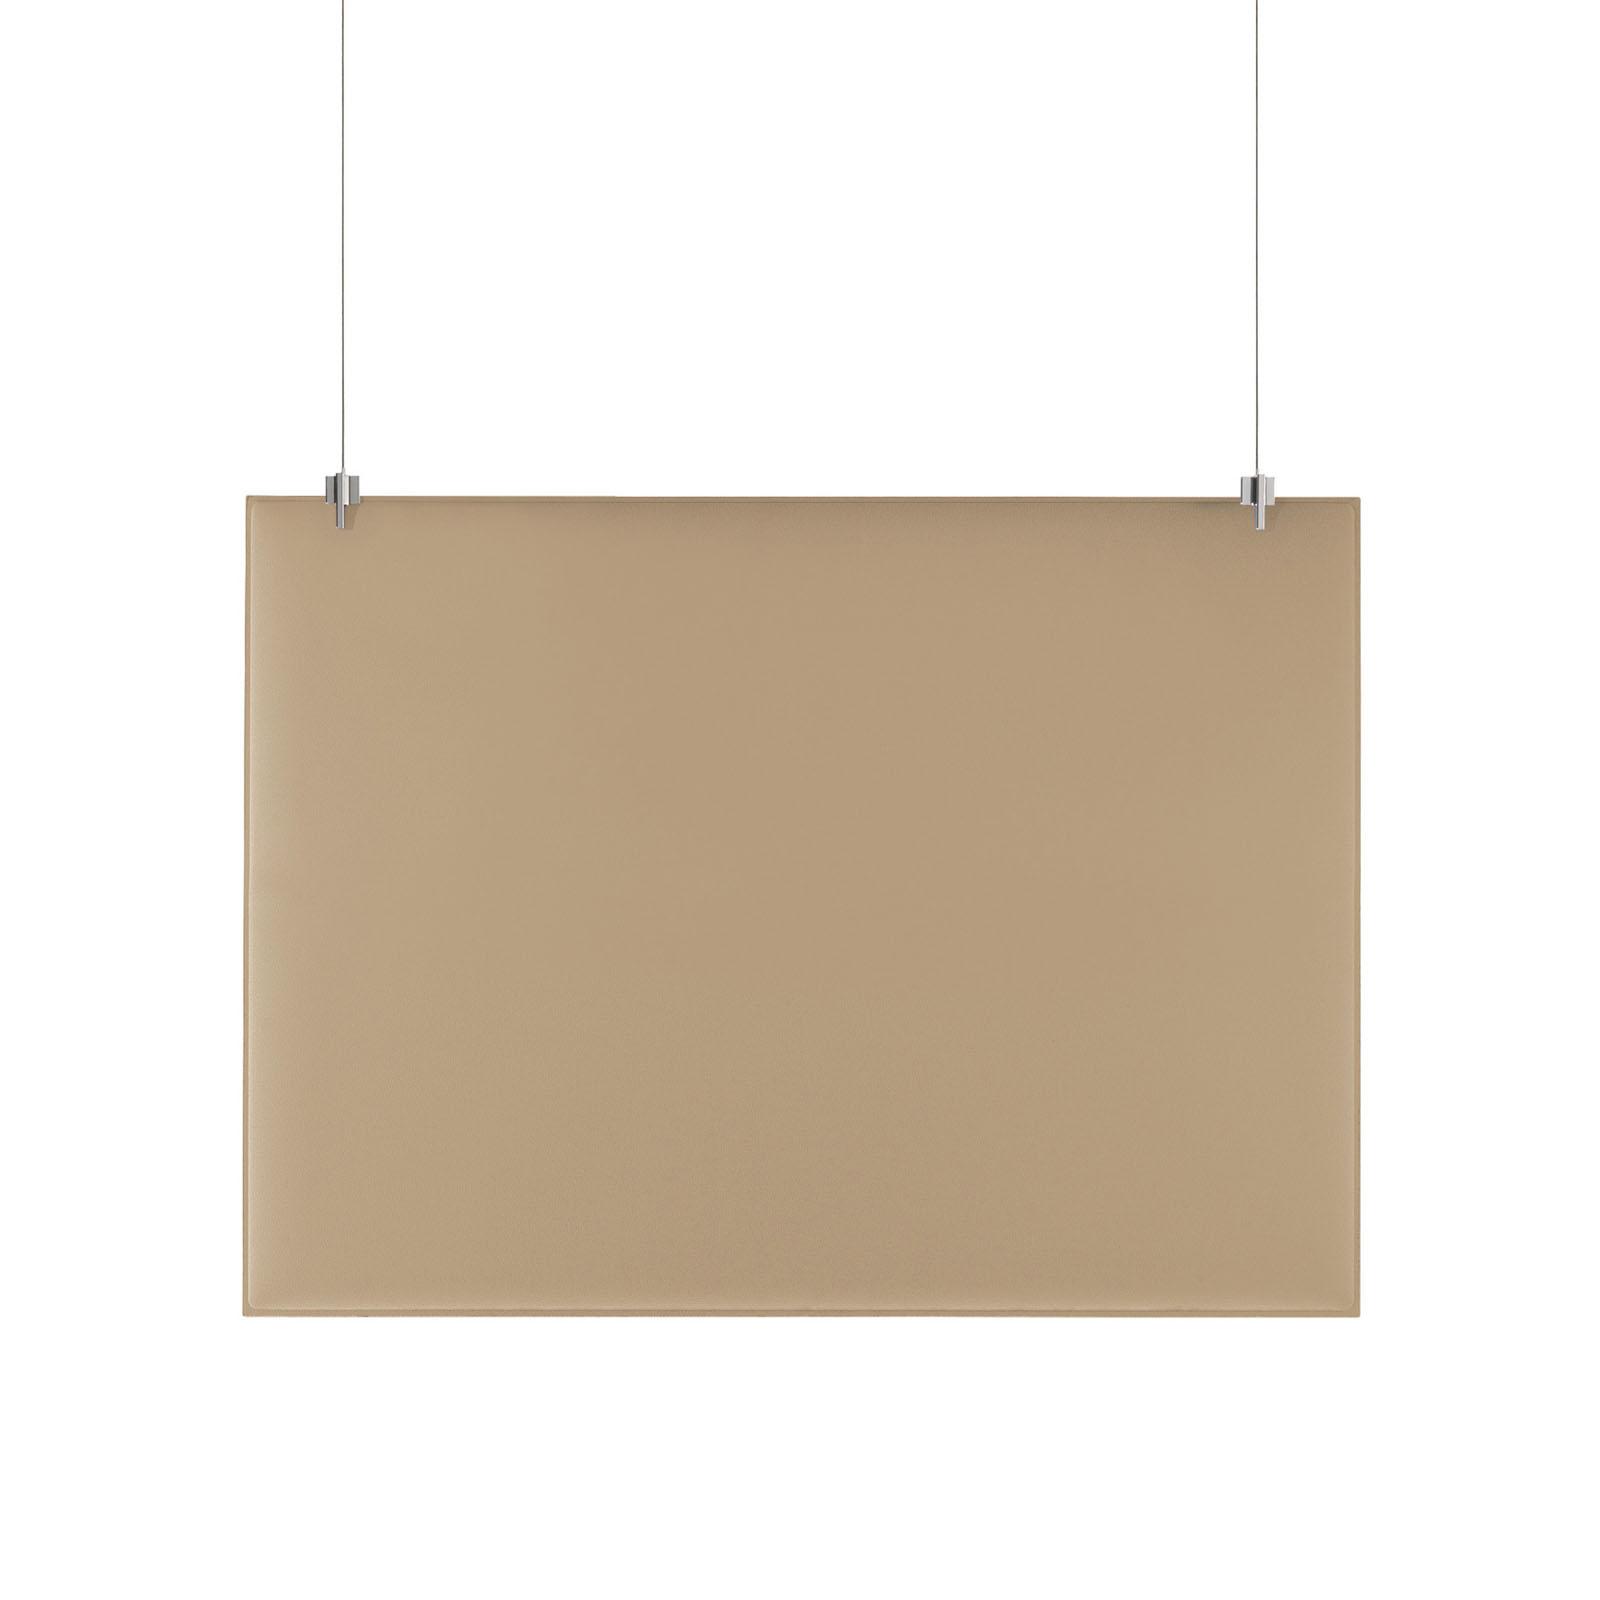 CAIMI Caimi Baffle Oversize Ceiling - Gamme de panneaux acoustiques plafond